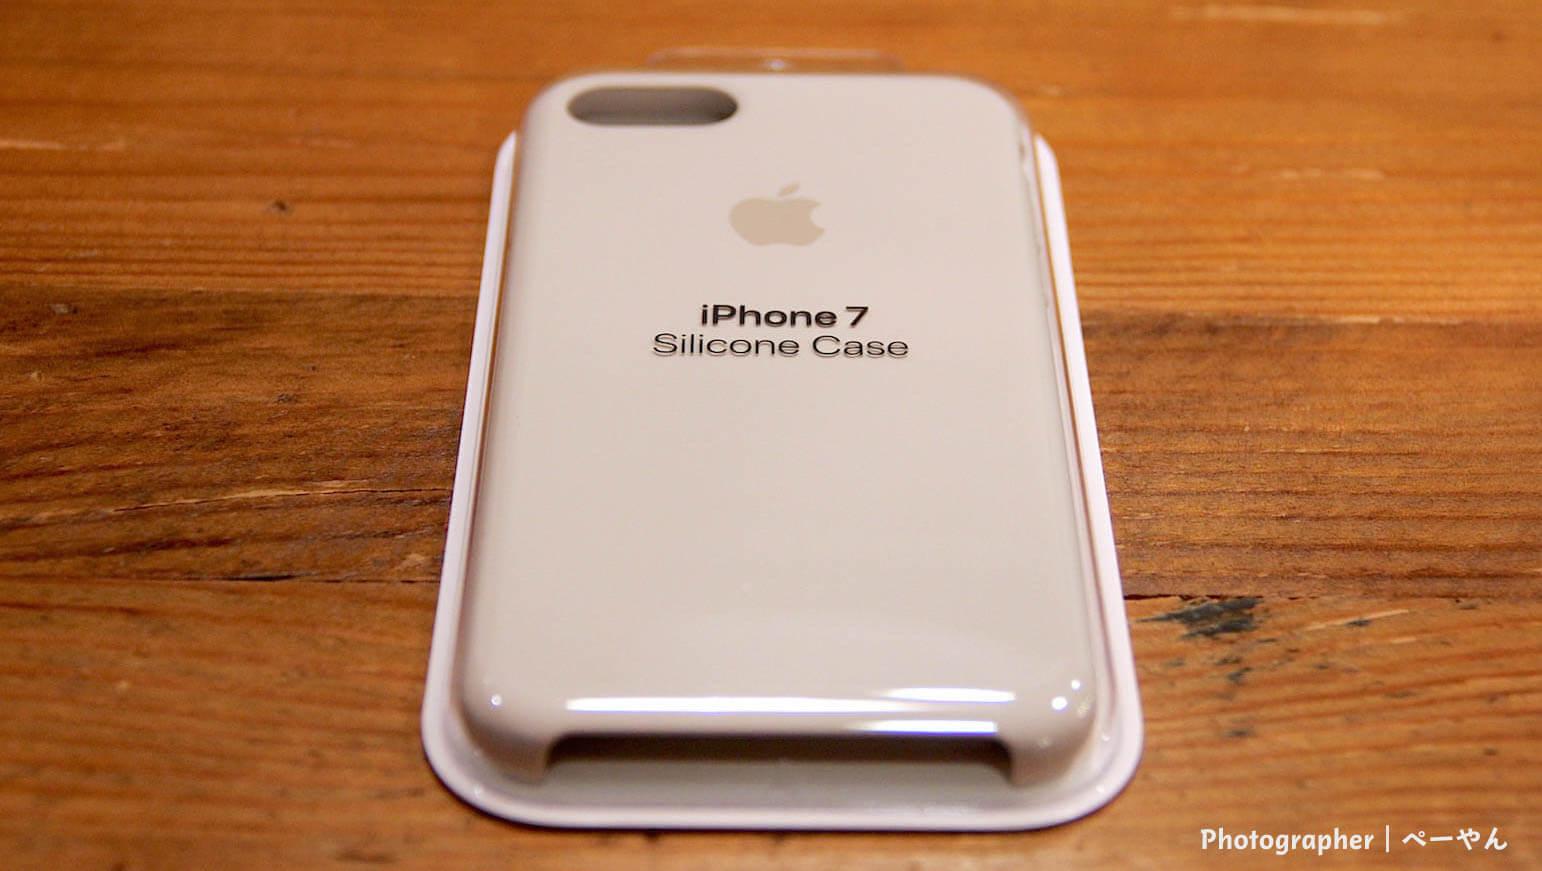 iPhone 7 シリコンケース